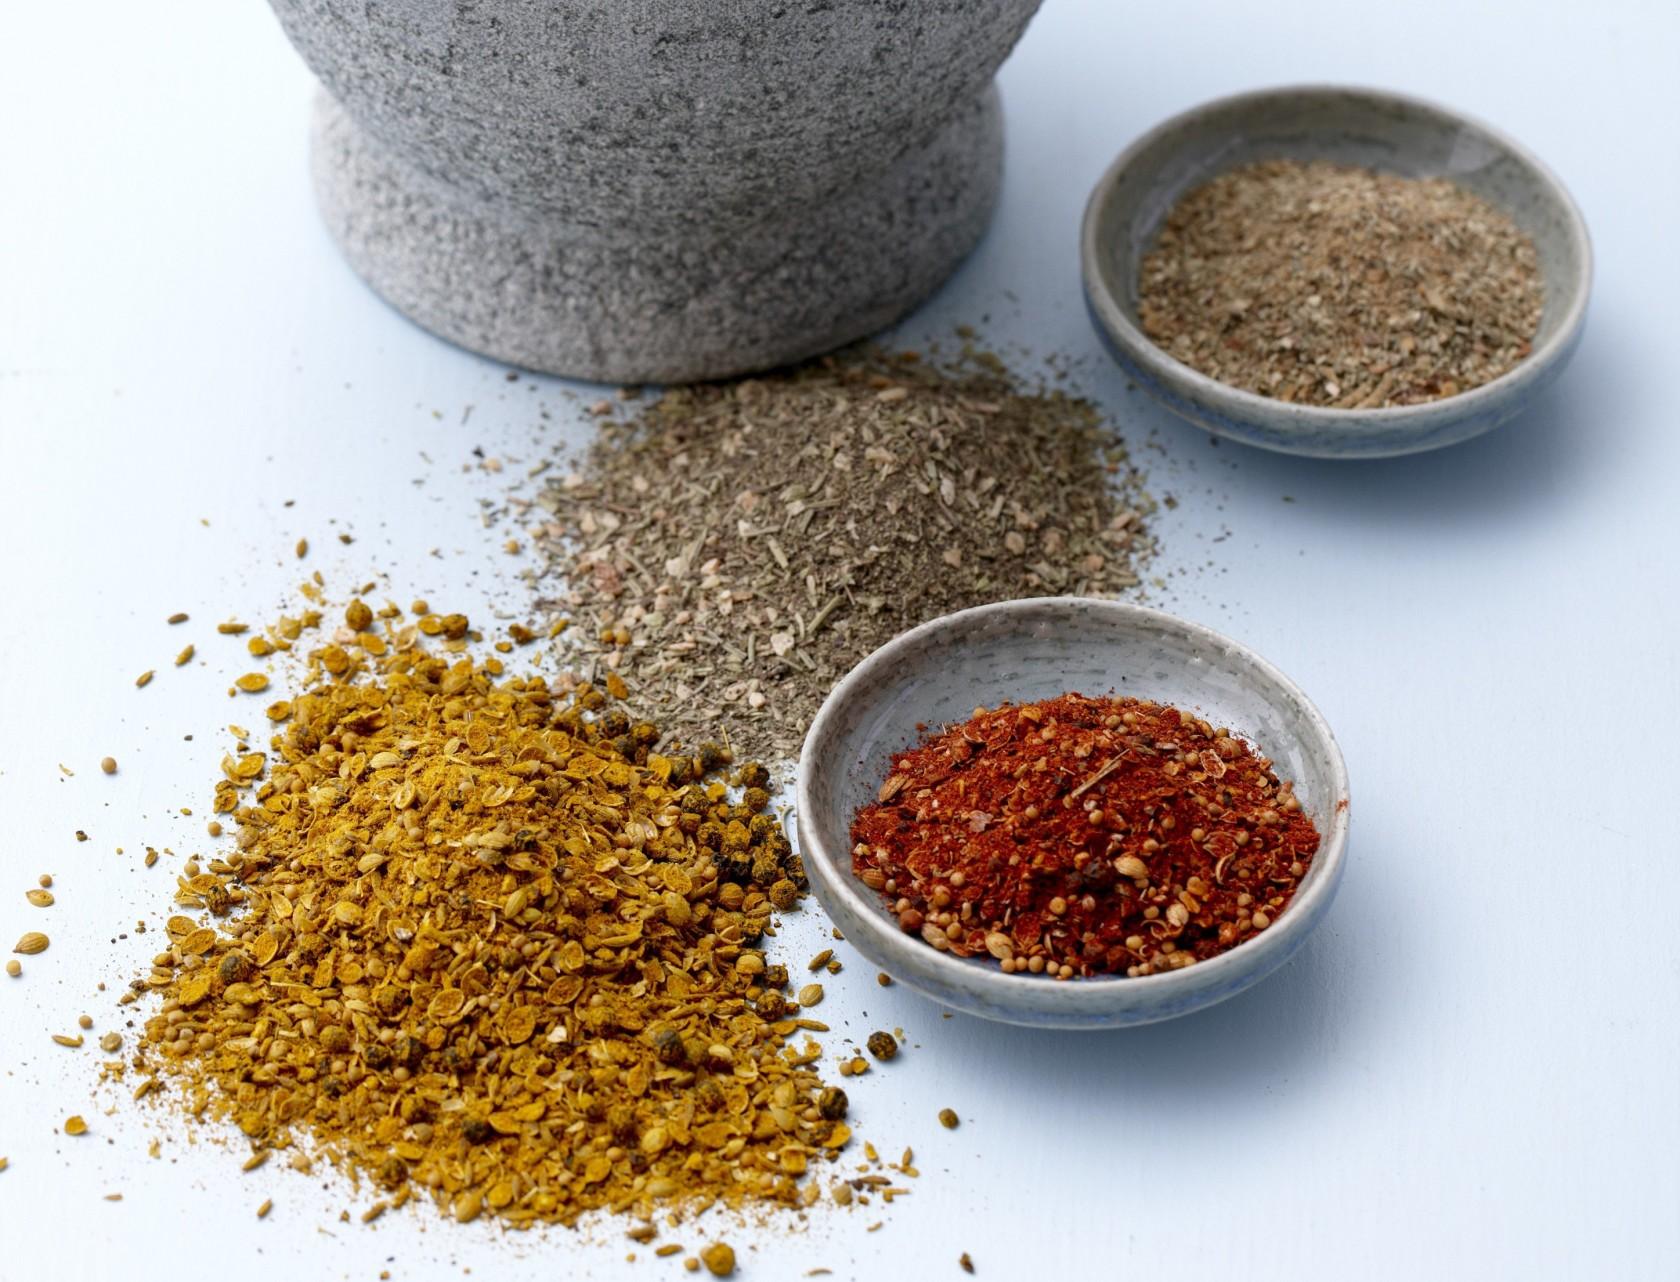 Hjemmelavet frisk asiatisk krydderi